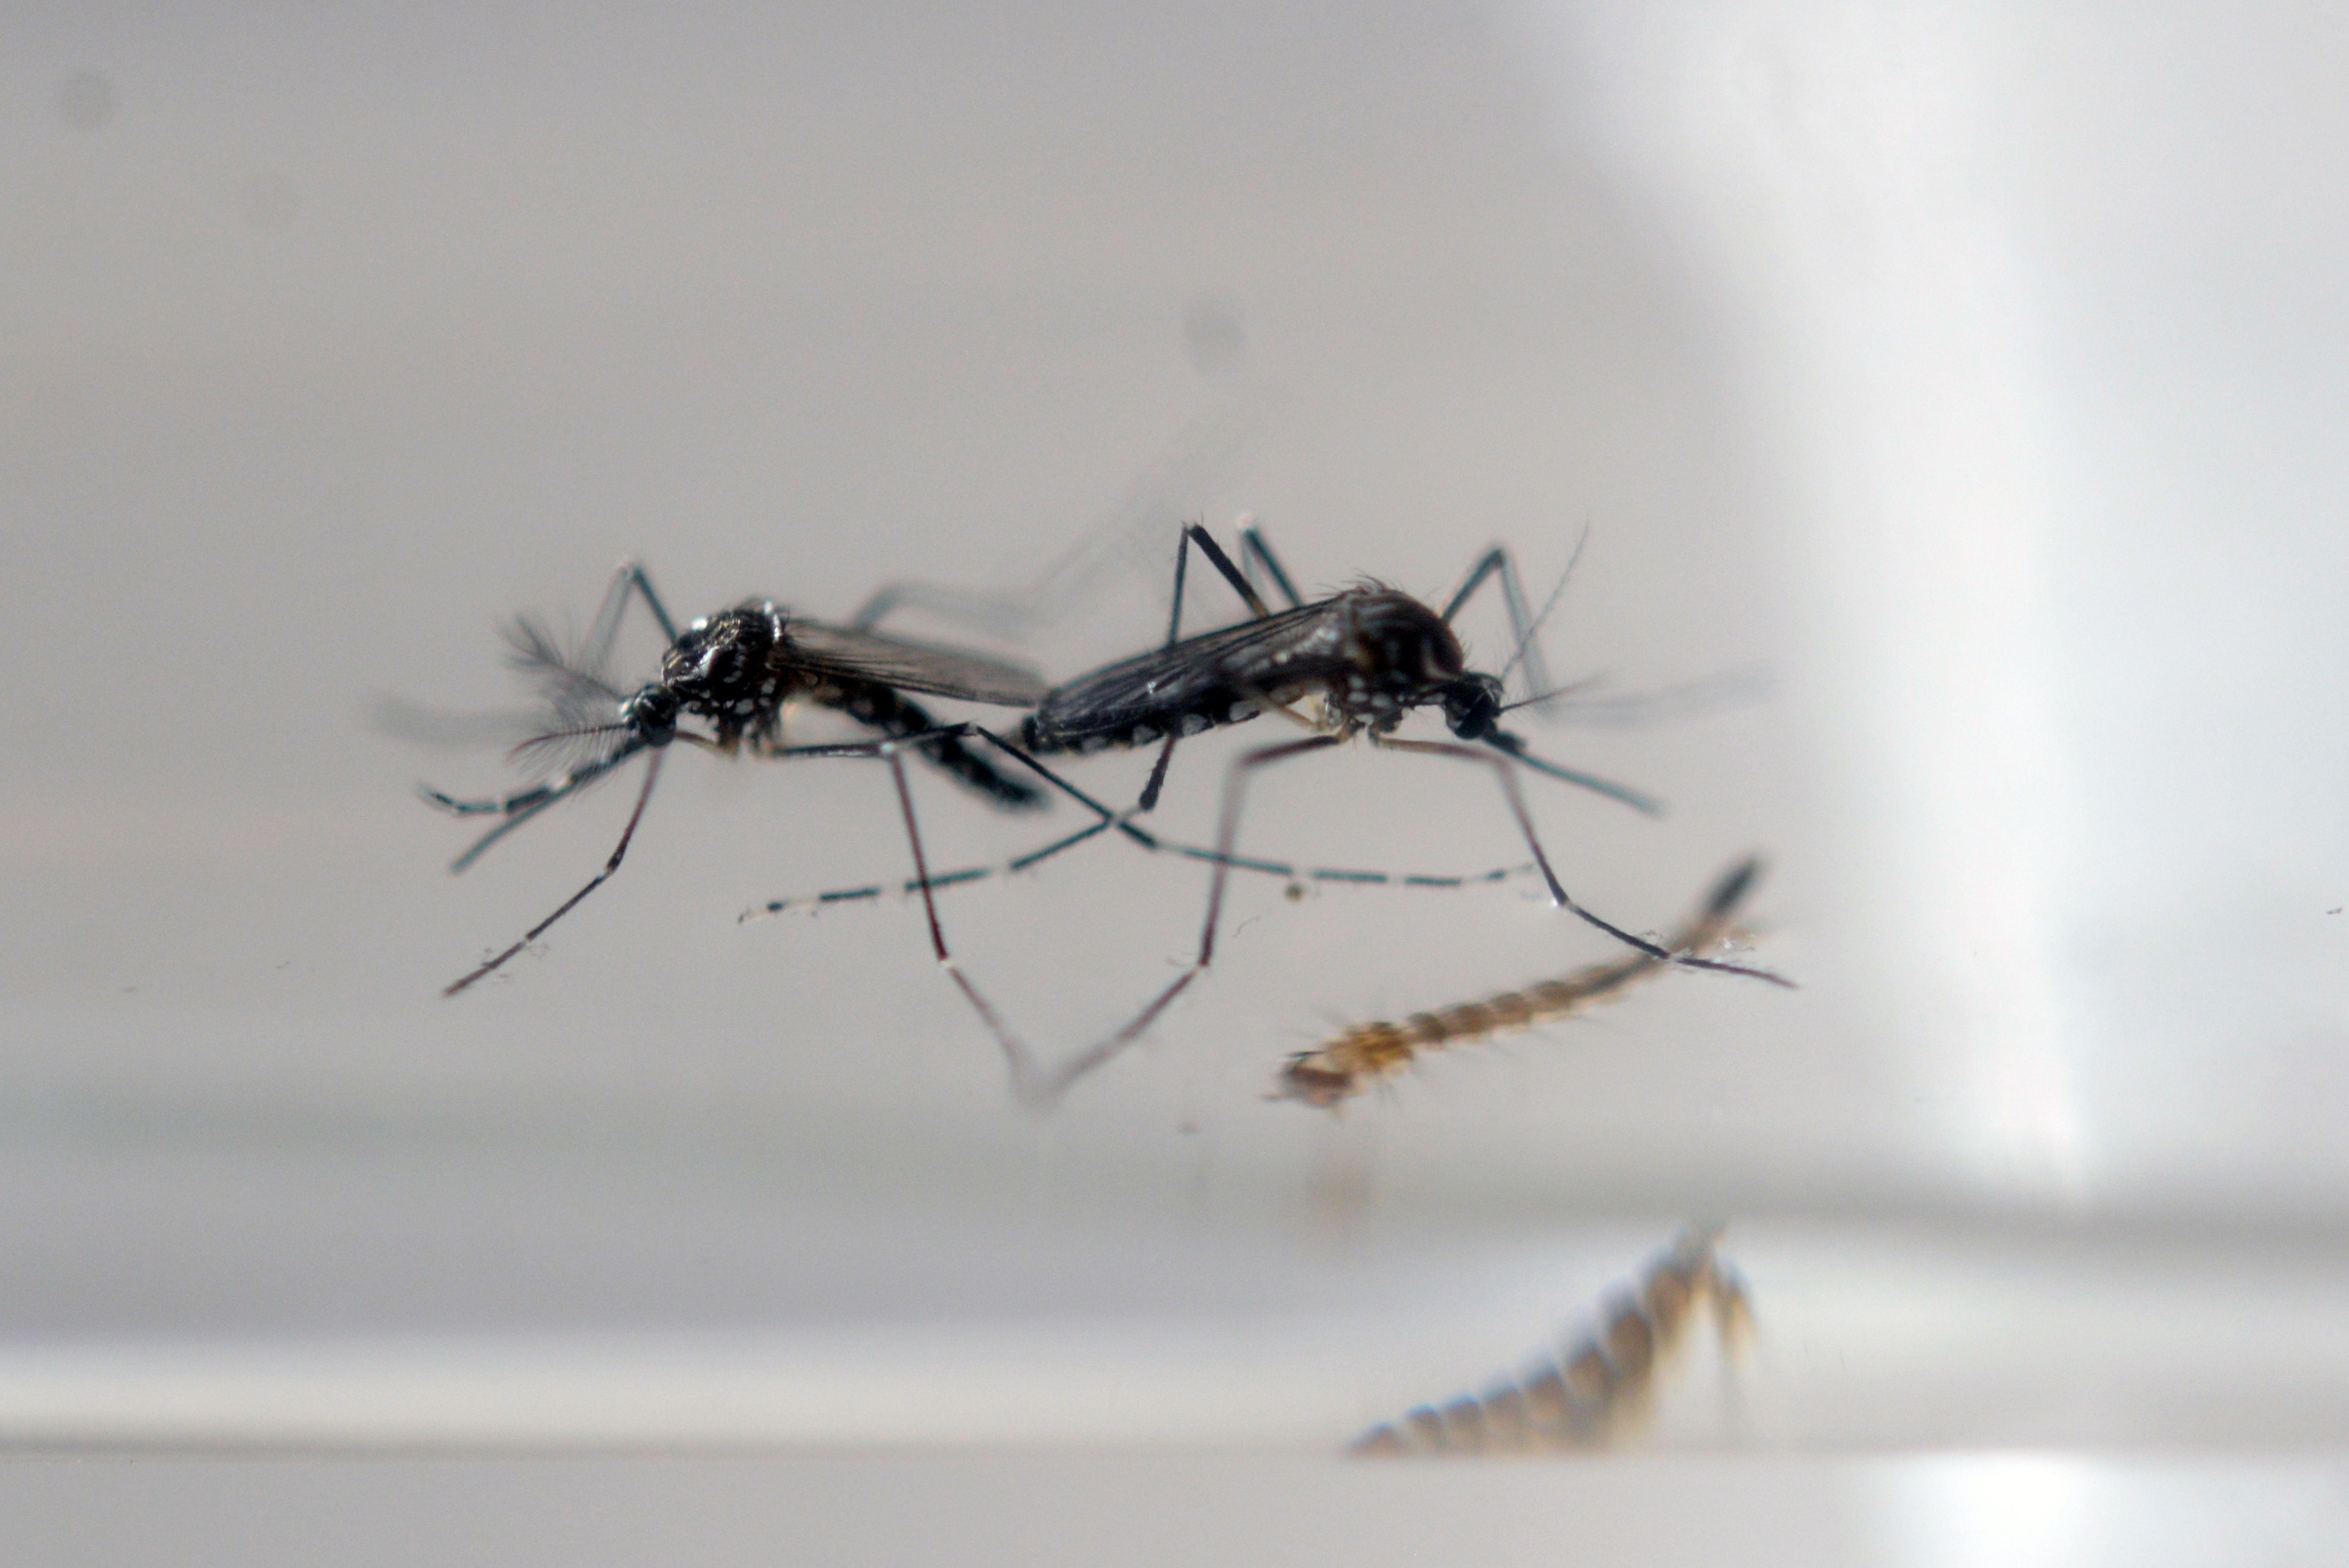 La prevención está enfocada en acabar con el mosquito.